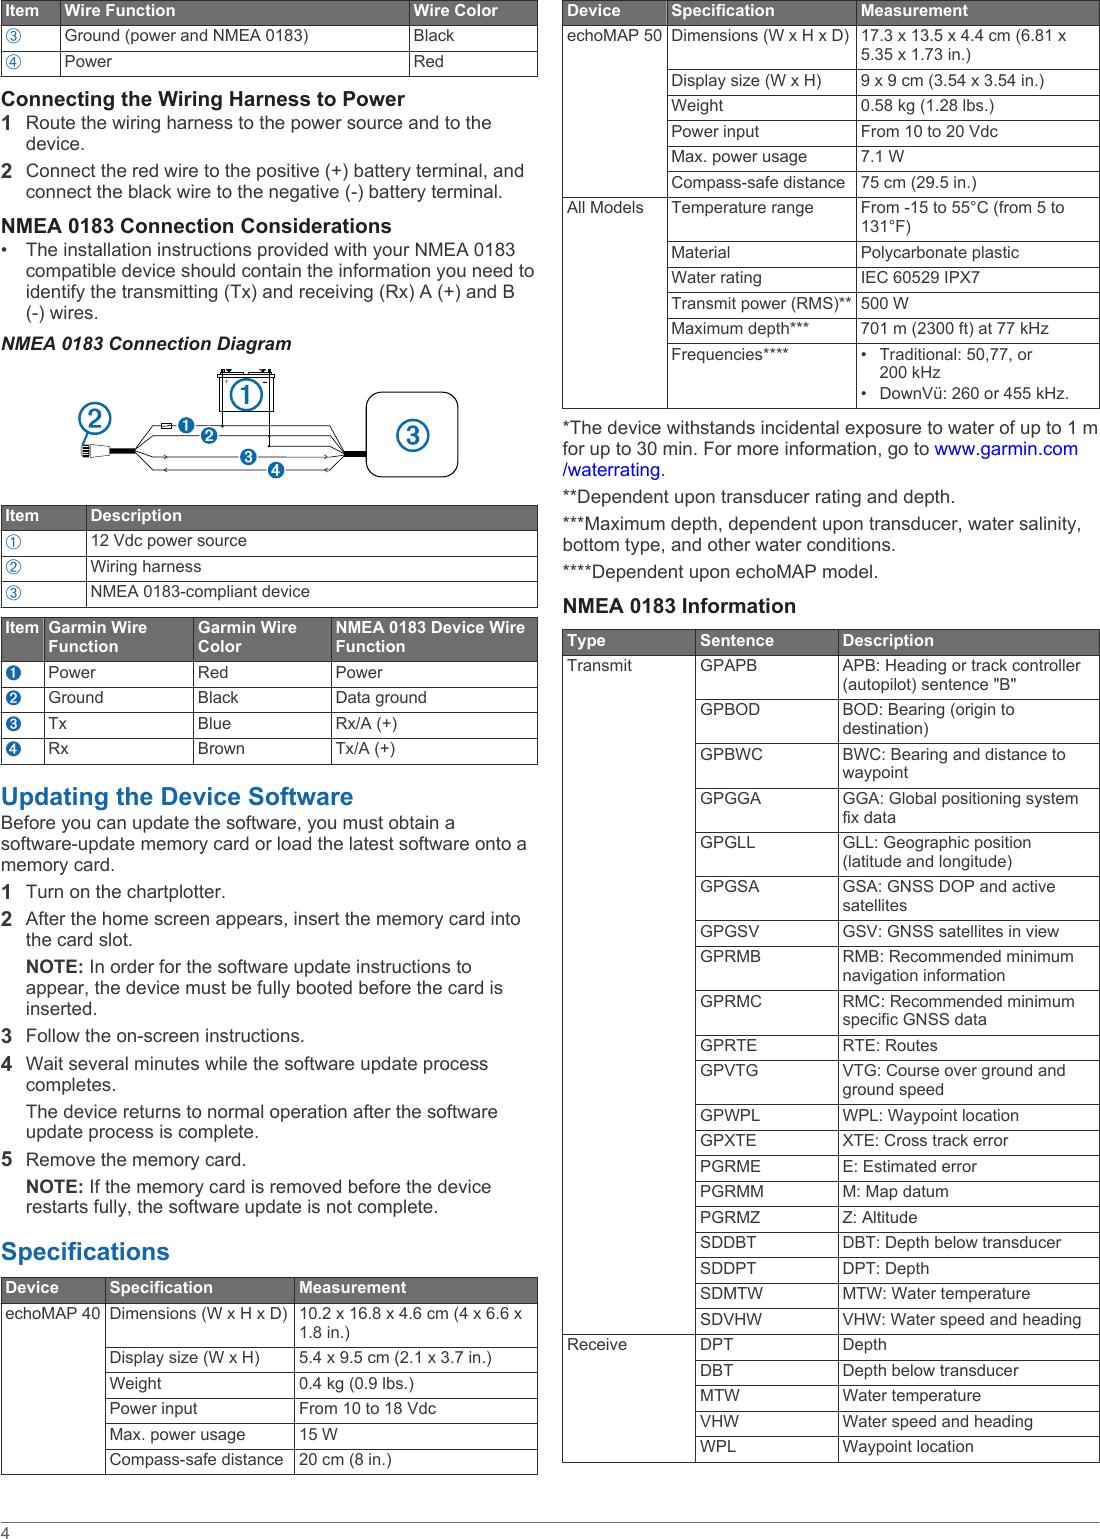 Garmin Echomap 42Dv Installation Instructions